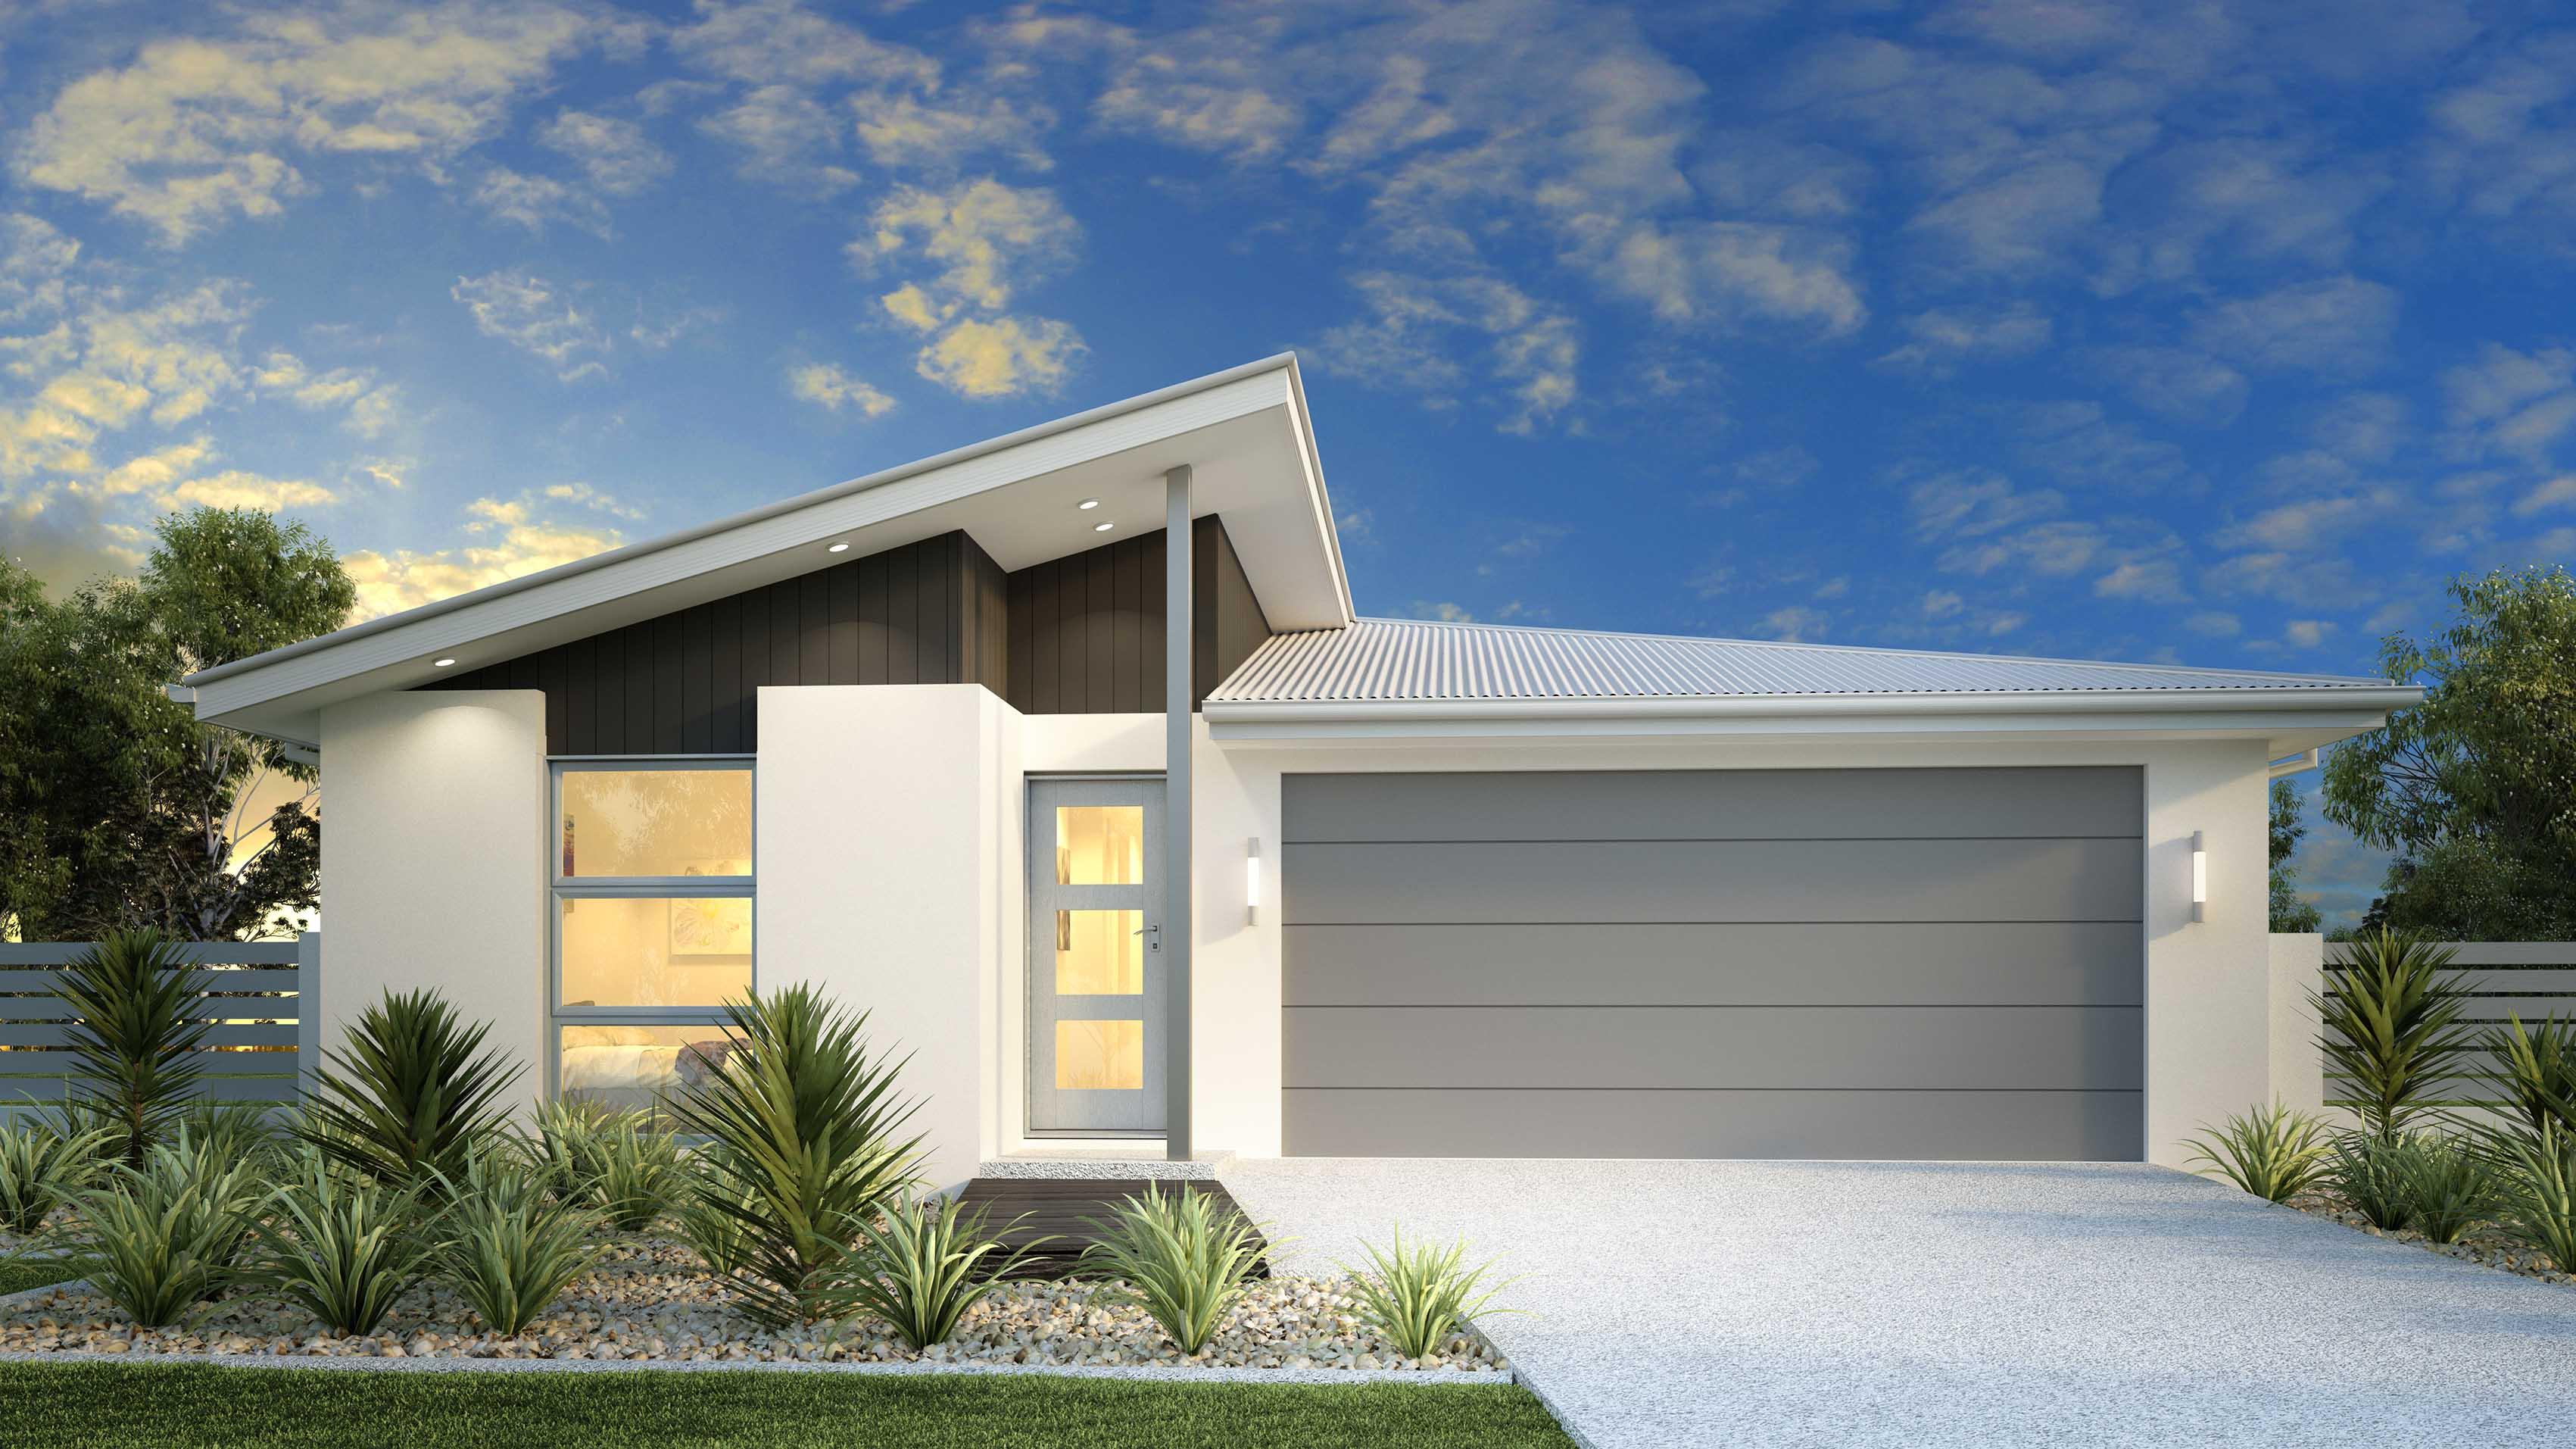 Ver fachadas de casas fachadas de casas estilos de for Disenos de exteriores para casas pequenas